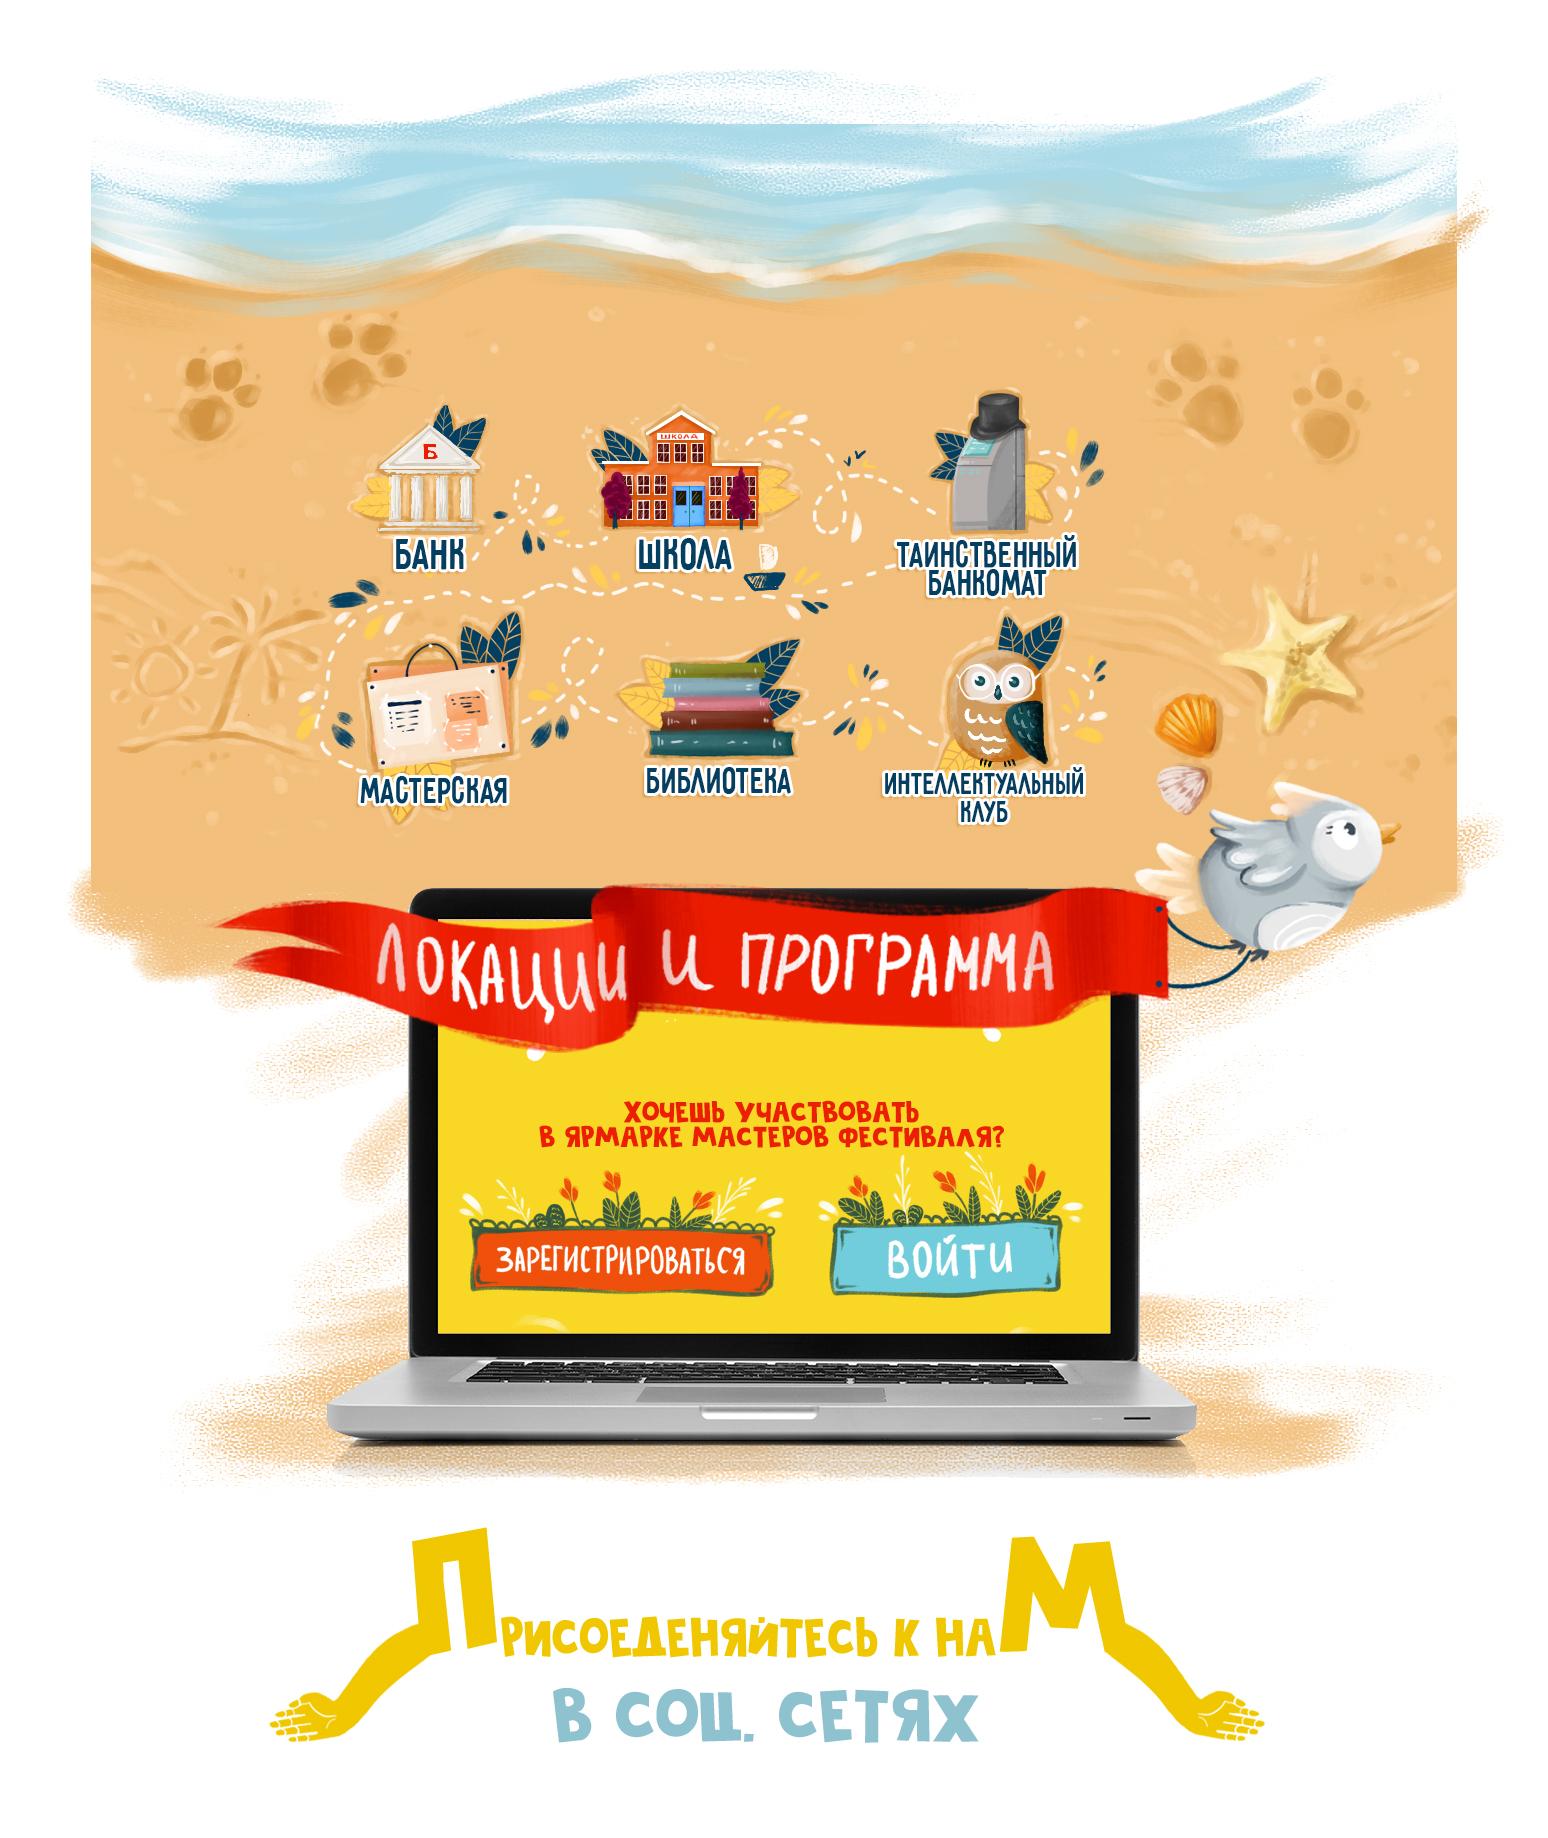 Дизайн сайта и иллюстрации castellfest com